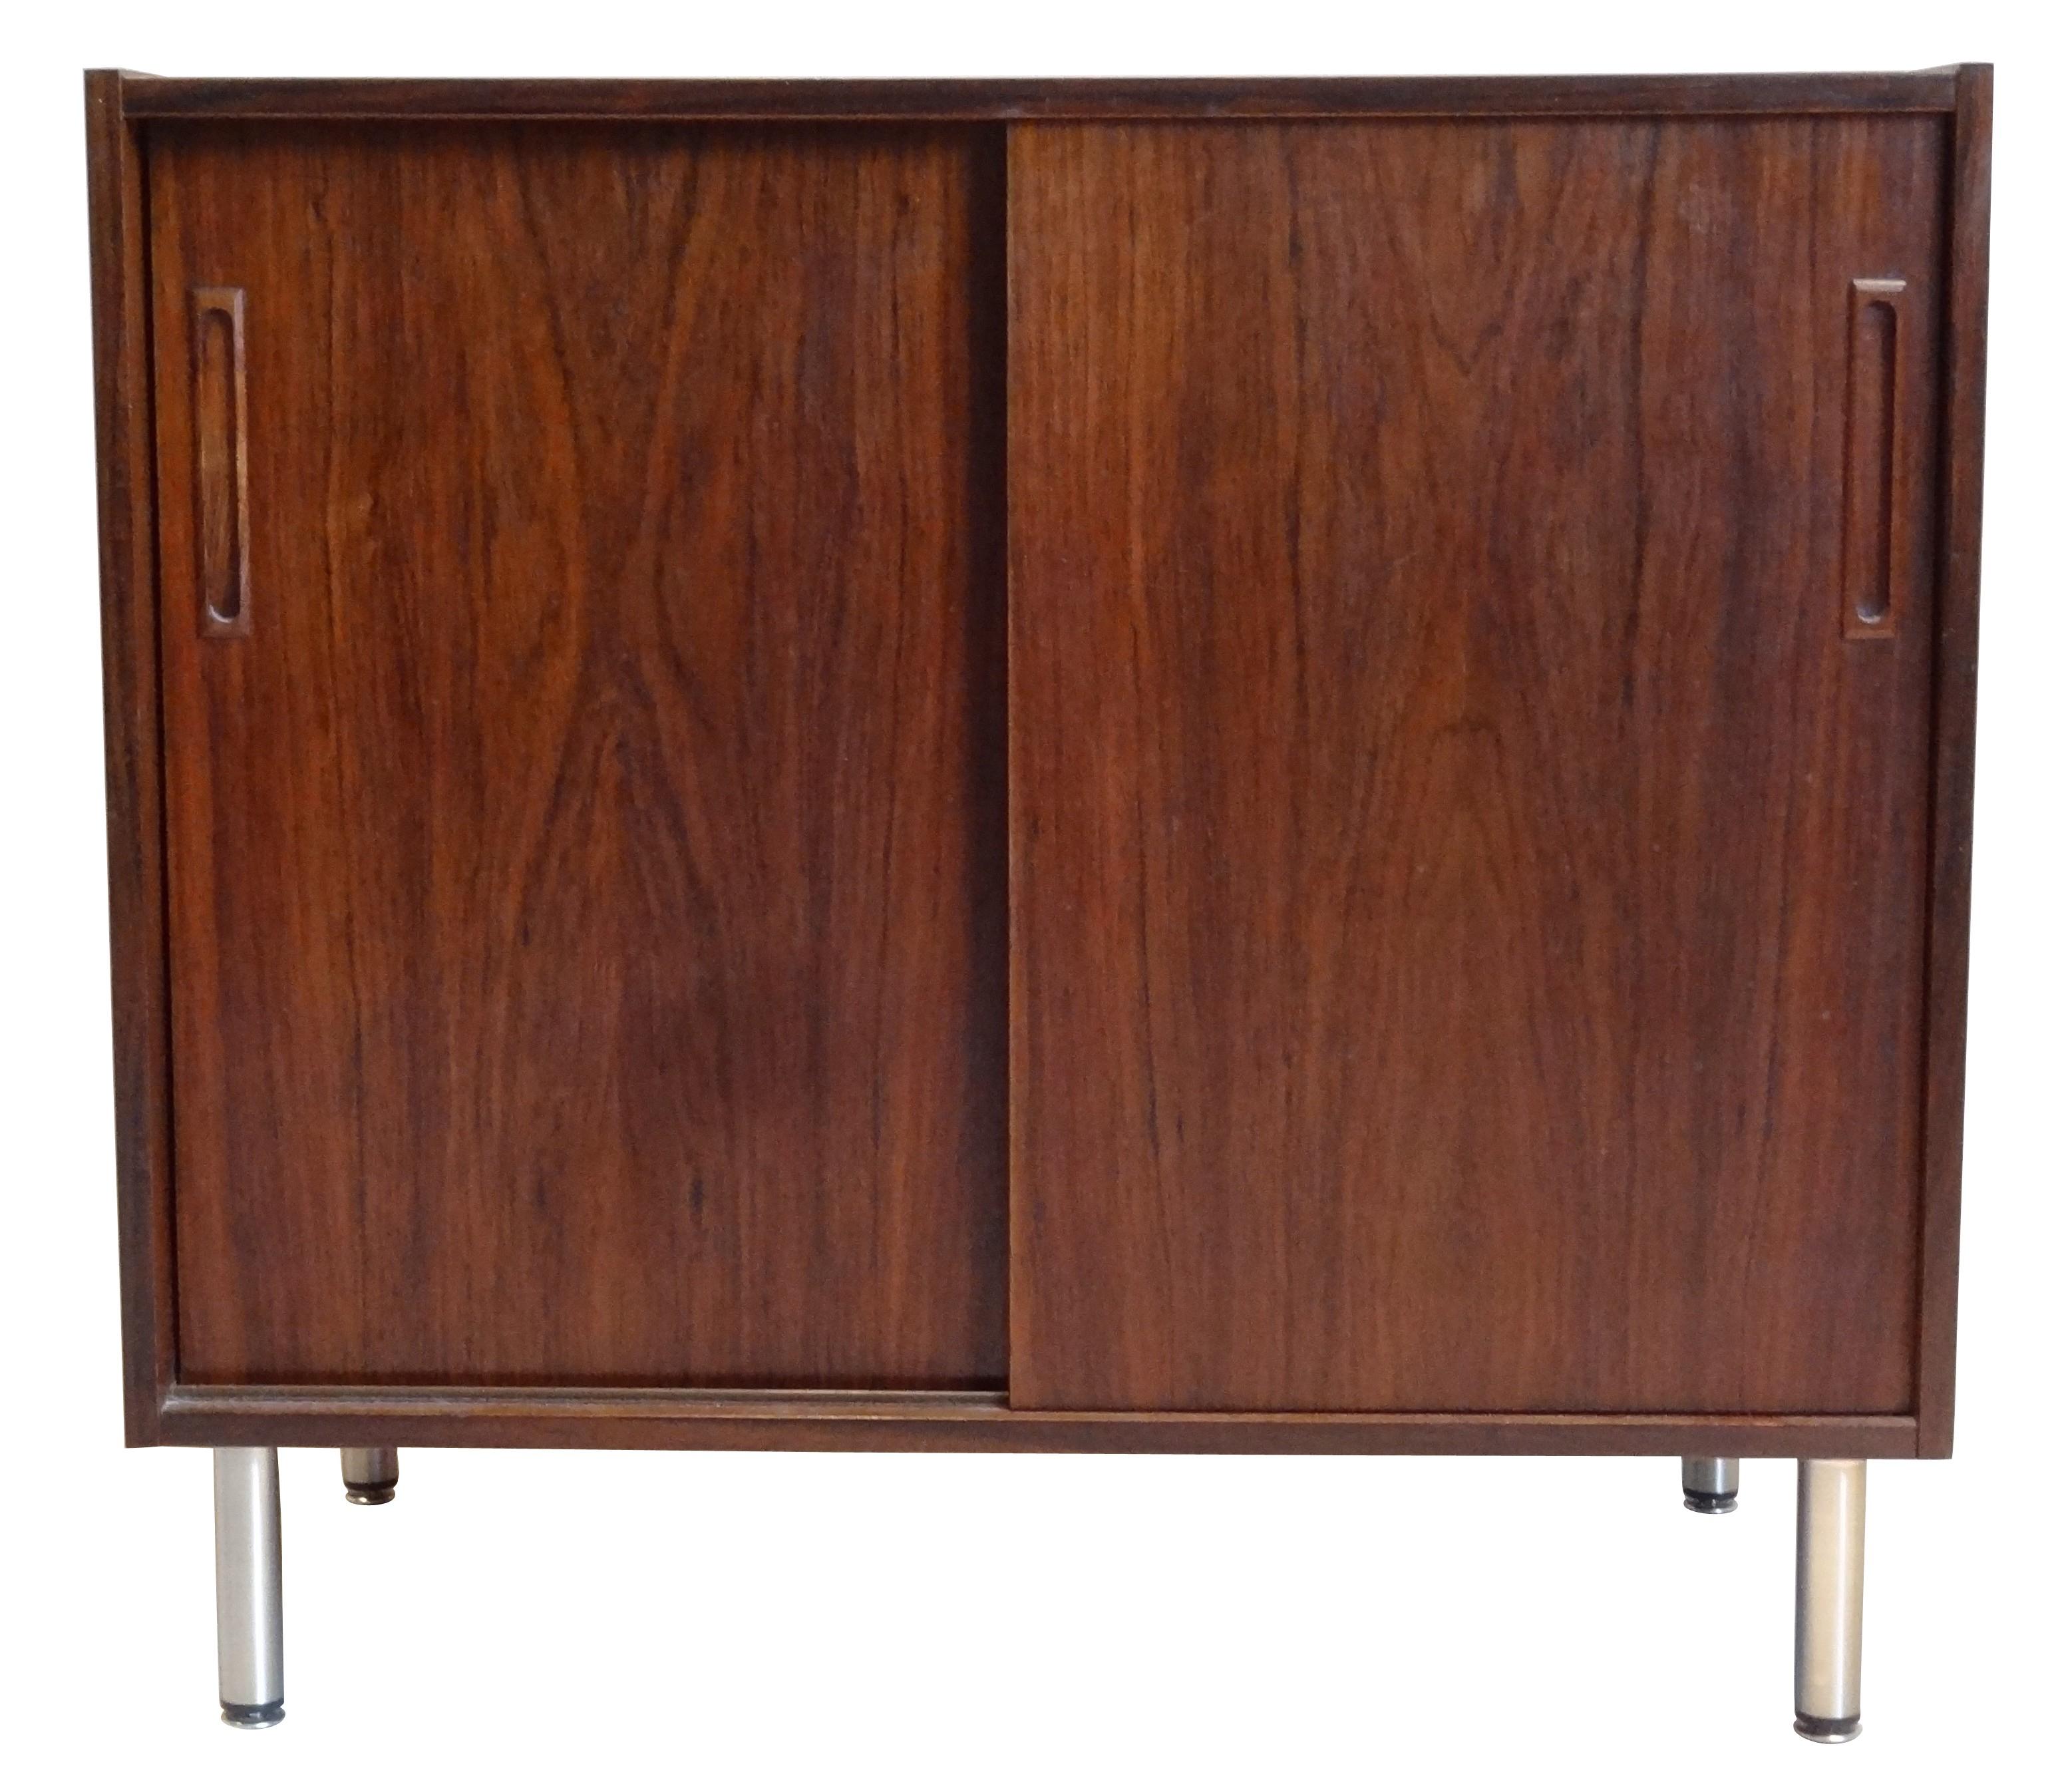 Meuble Vintage Scandinave - Années 60 - Design Market pour Meubles Scandinaves Vintage